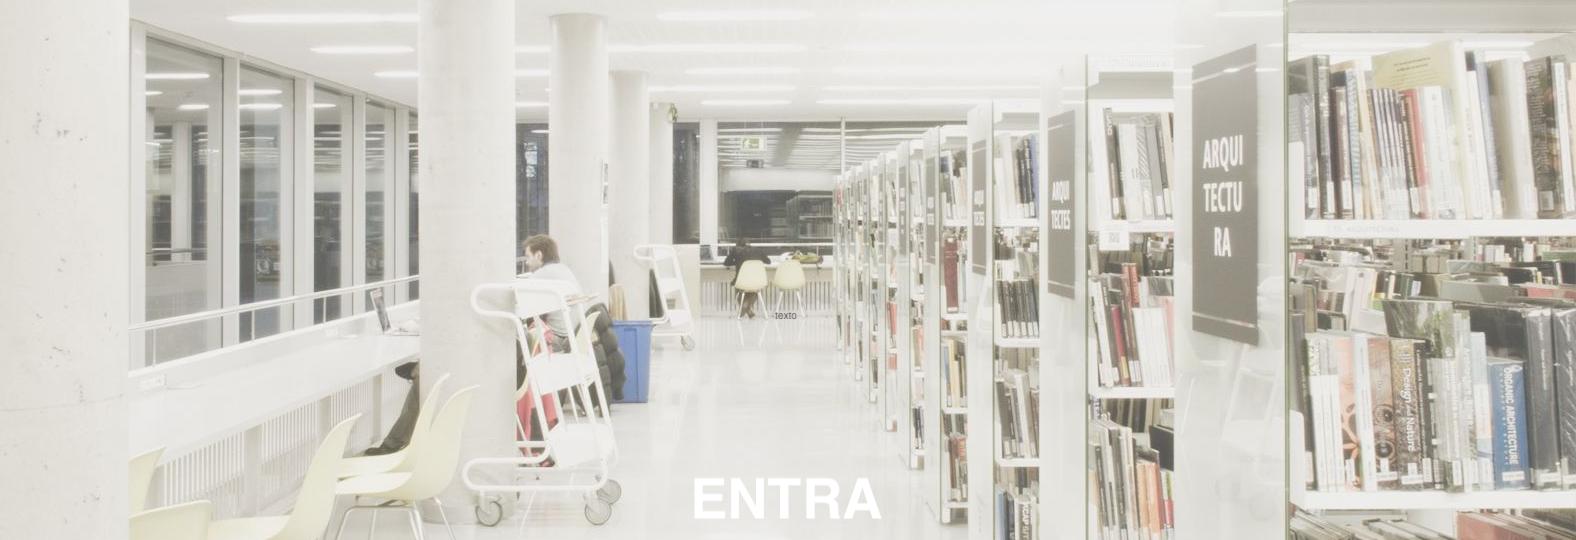 Biblioteca etsab escuela t cnica superior de - Escuela de arquitectura de barcelona ...